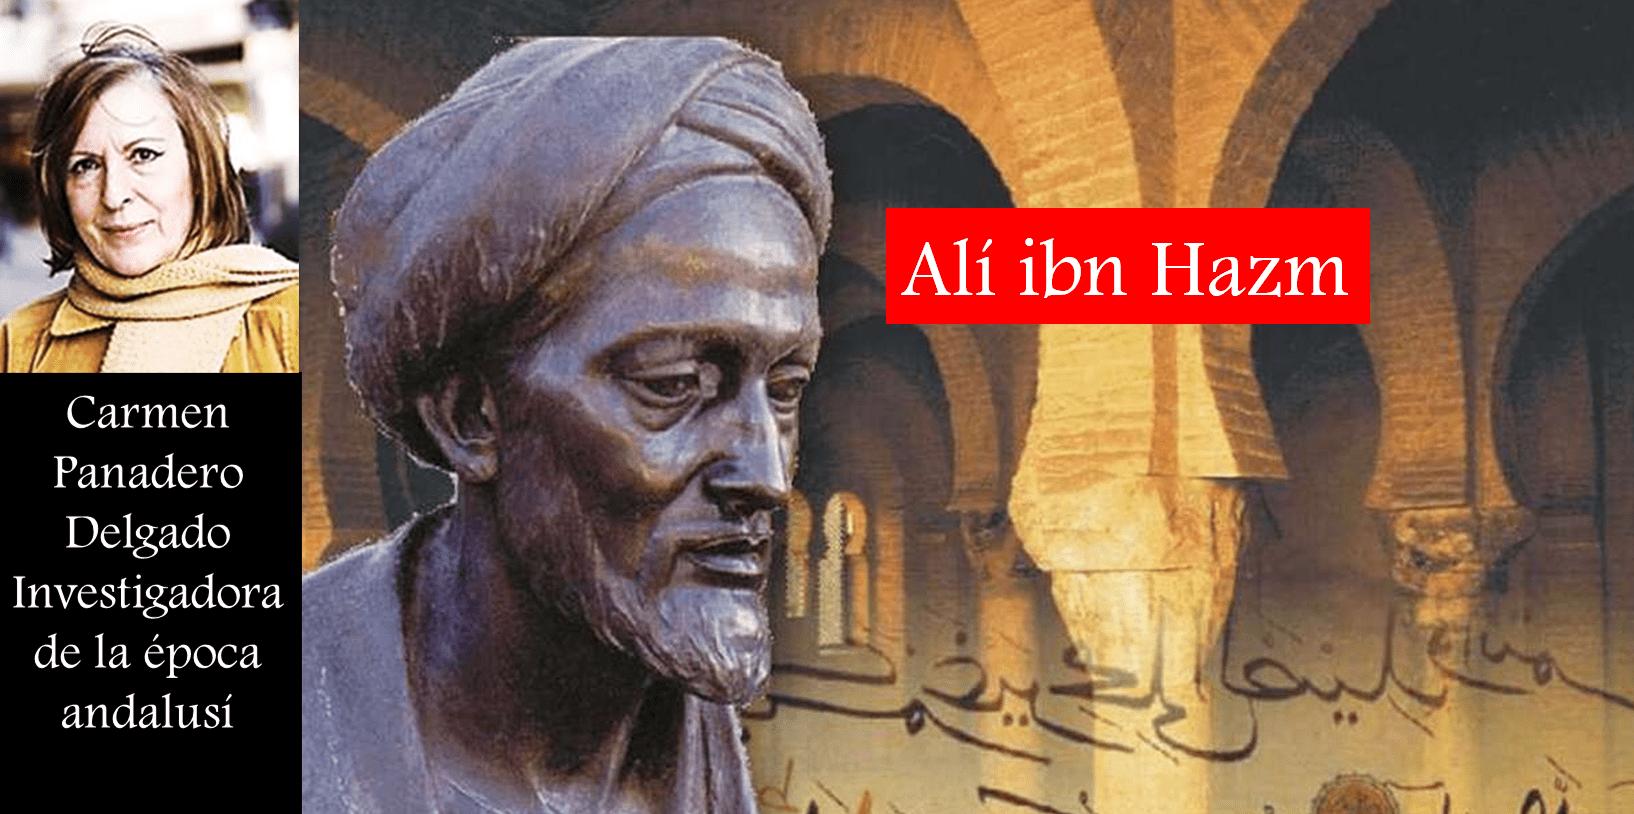 Ibn Hazm, pasión y rebeldía